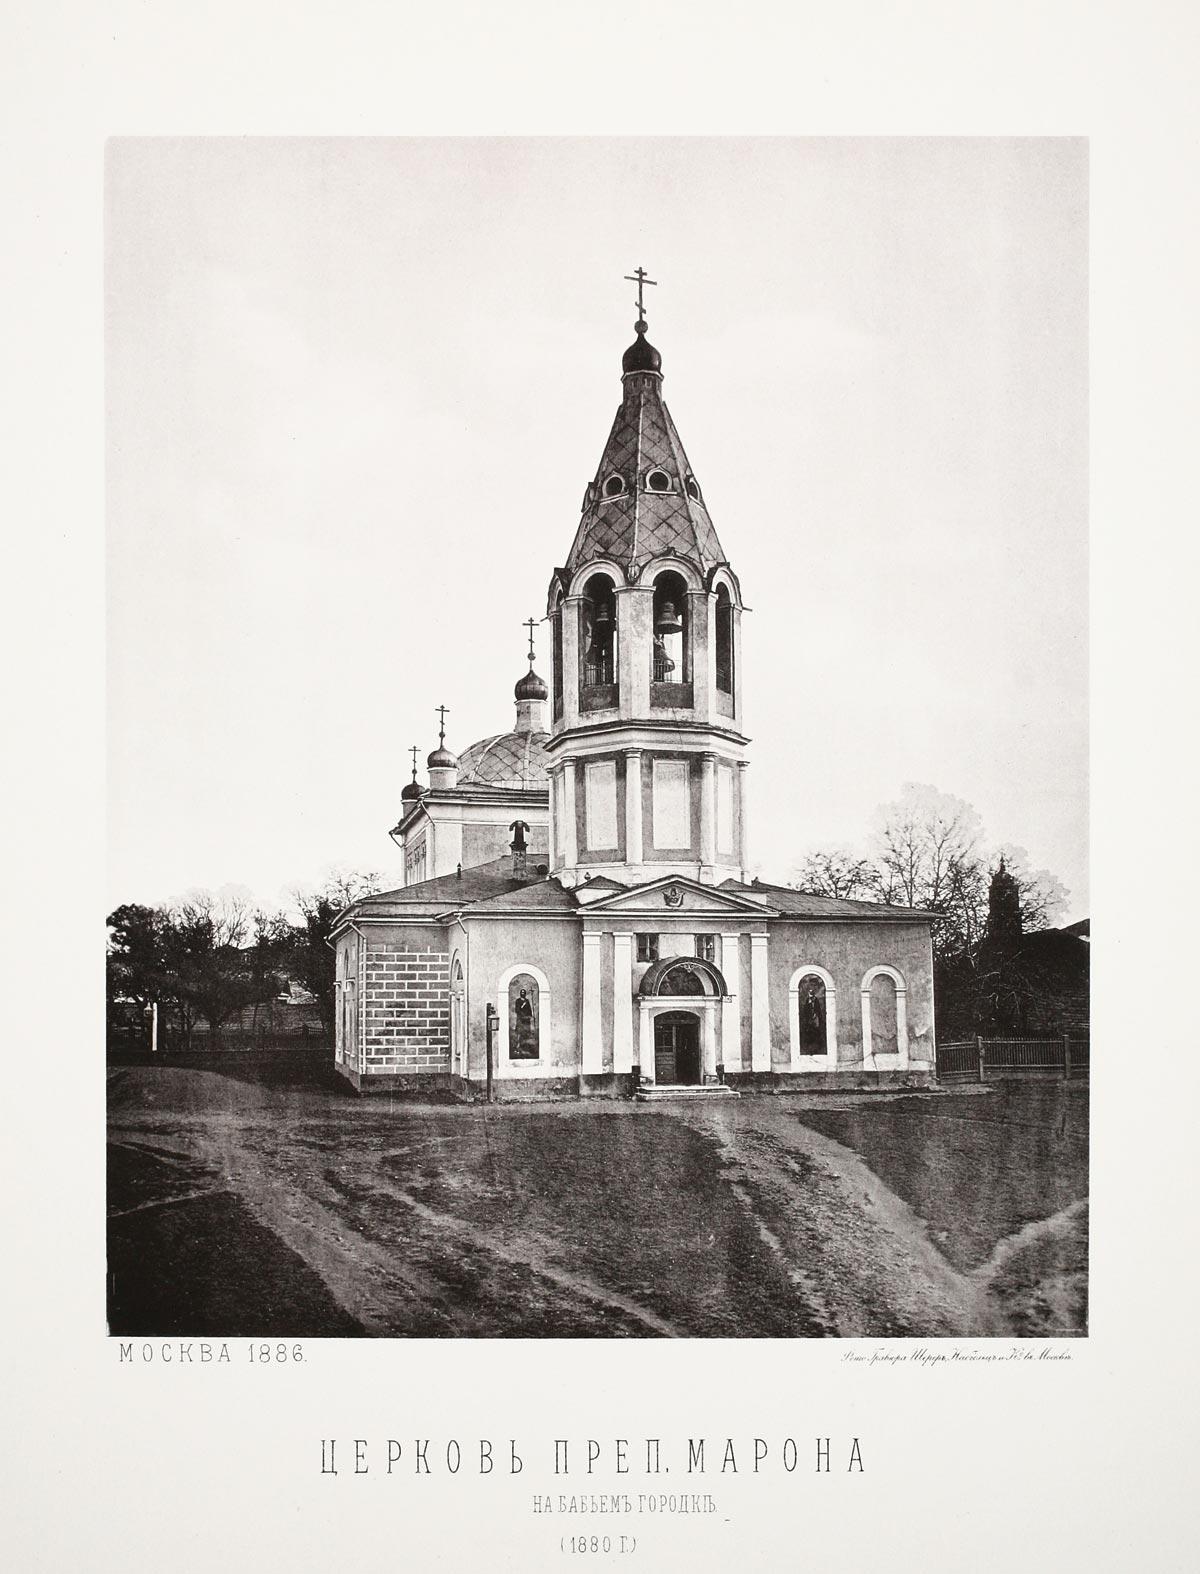 Церковь преподобного Марона в Бабьем городке